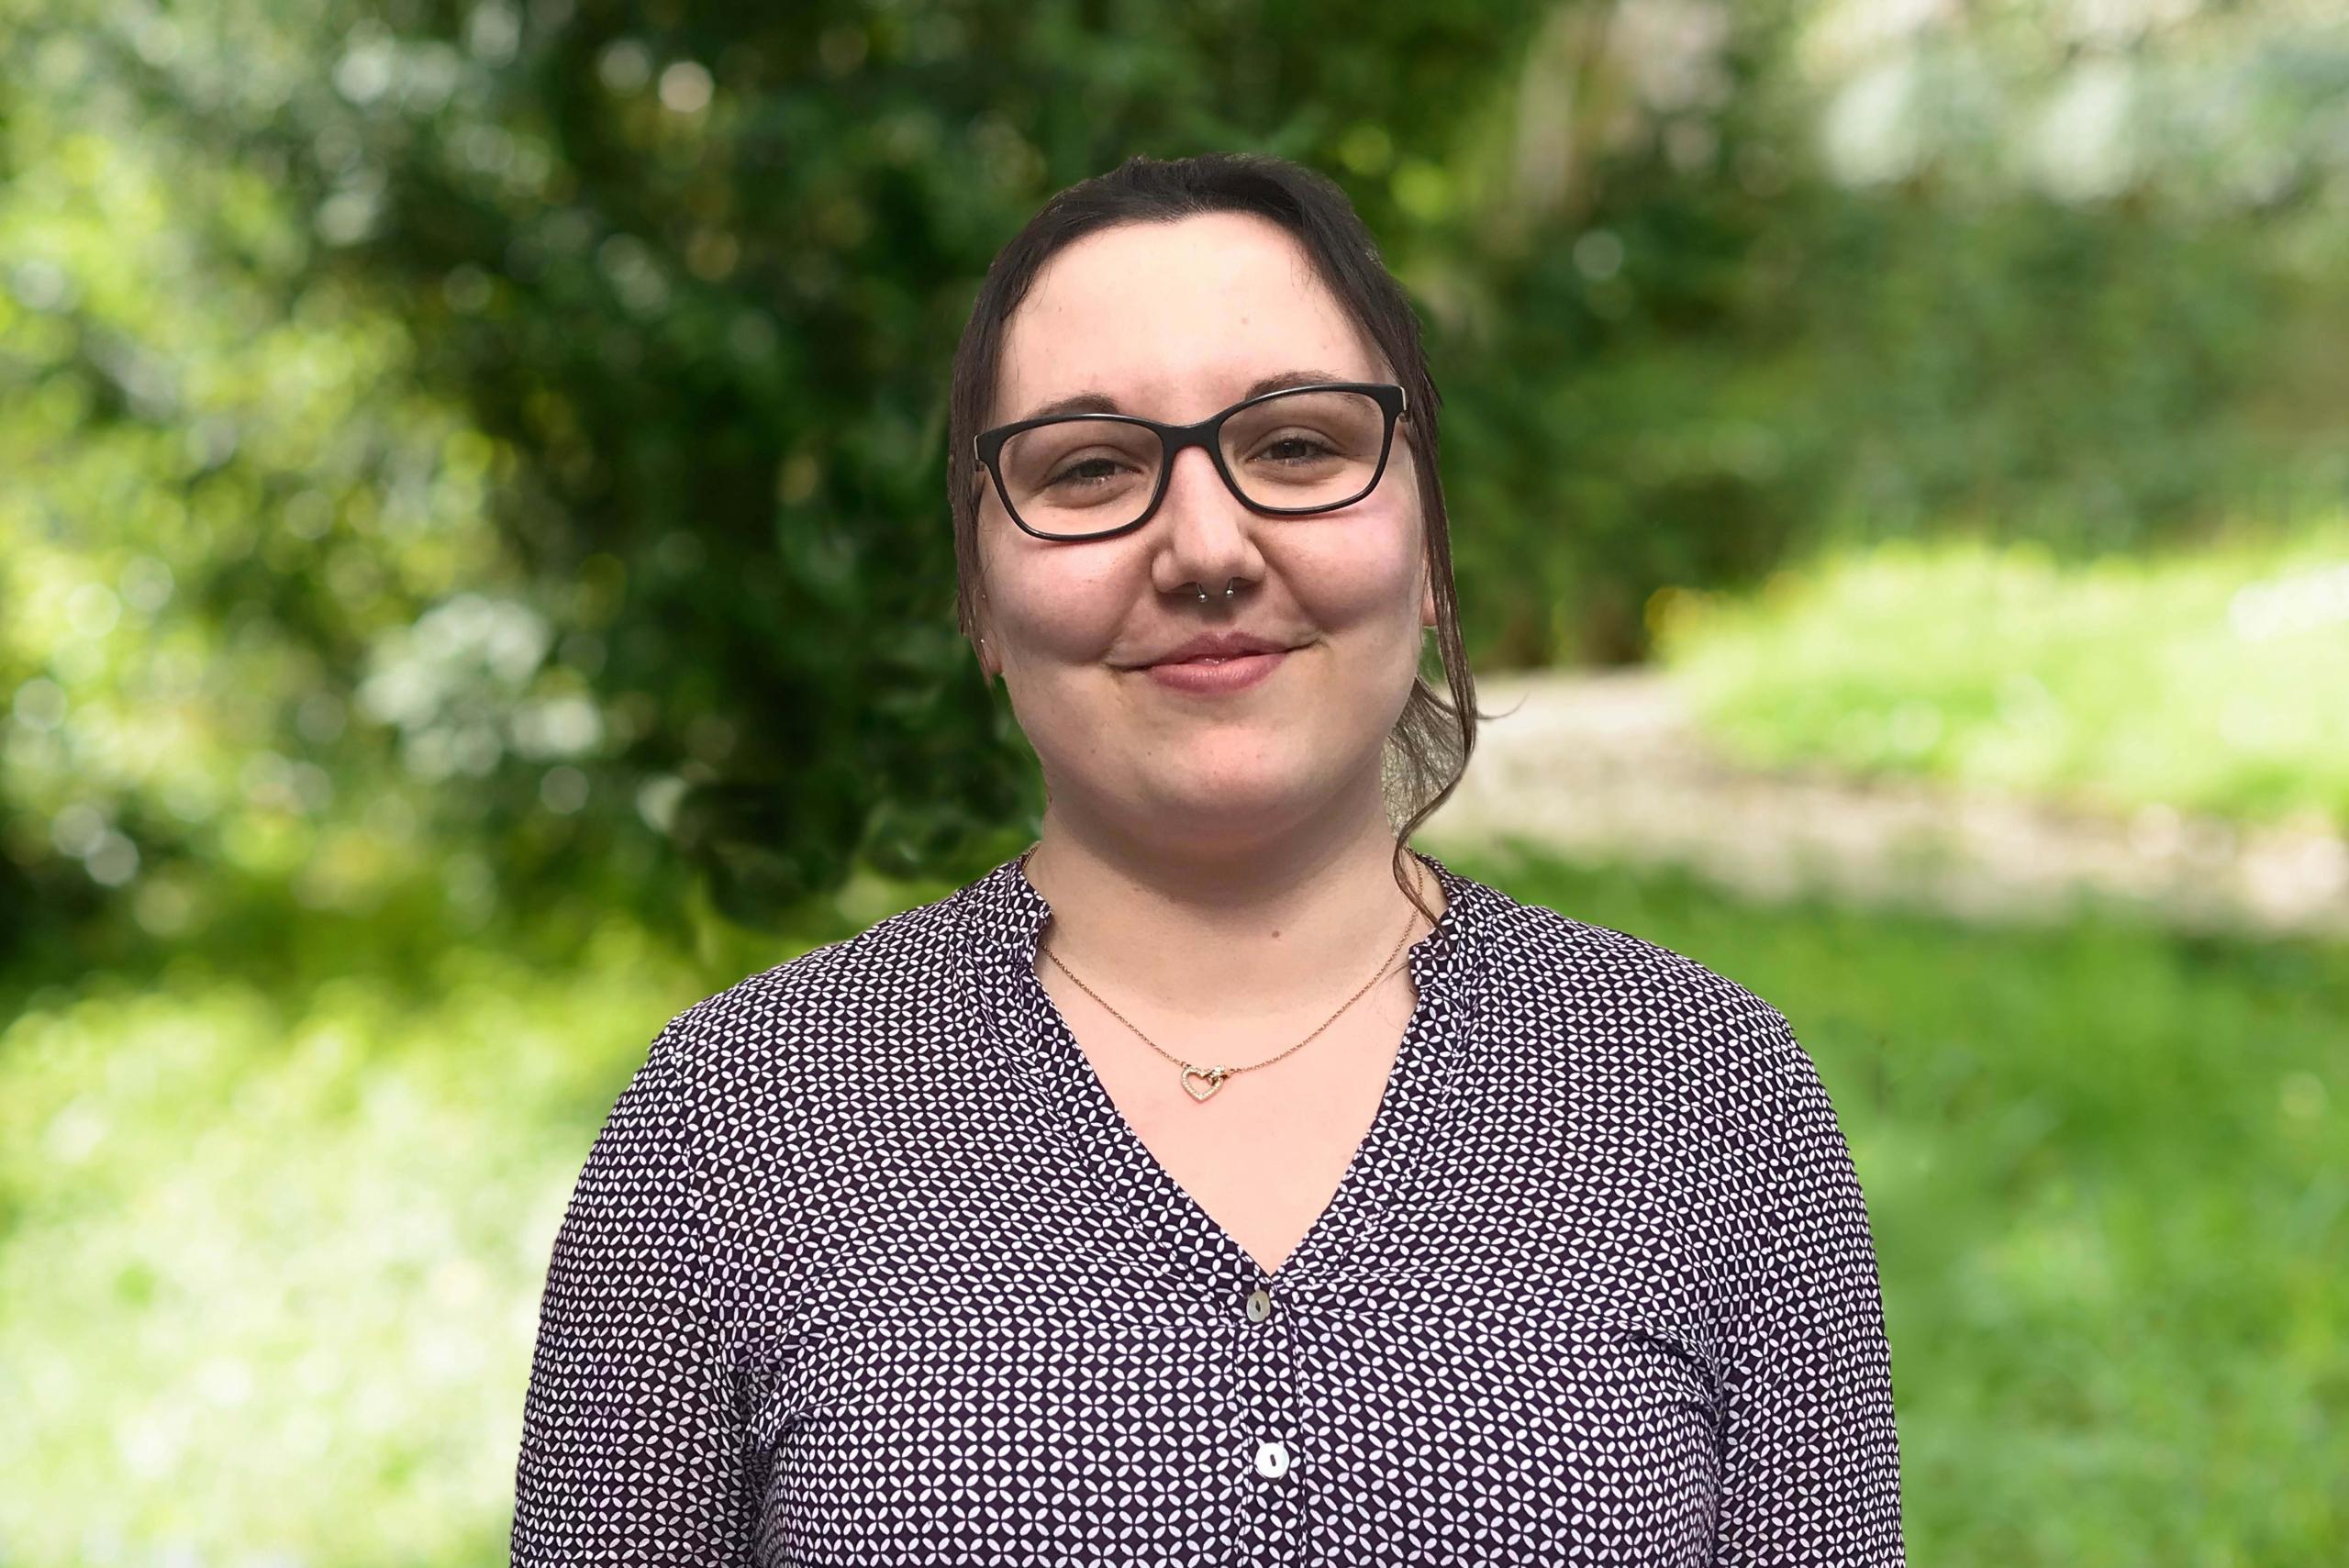 Laura Niedermayer